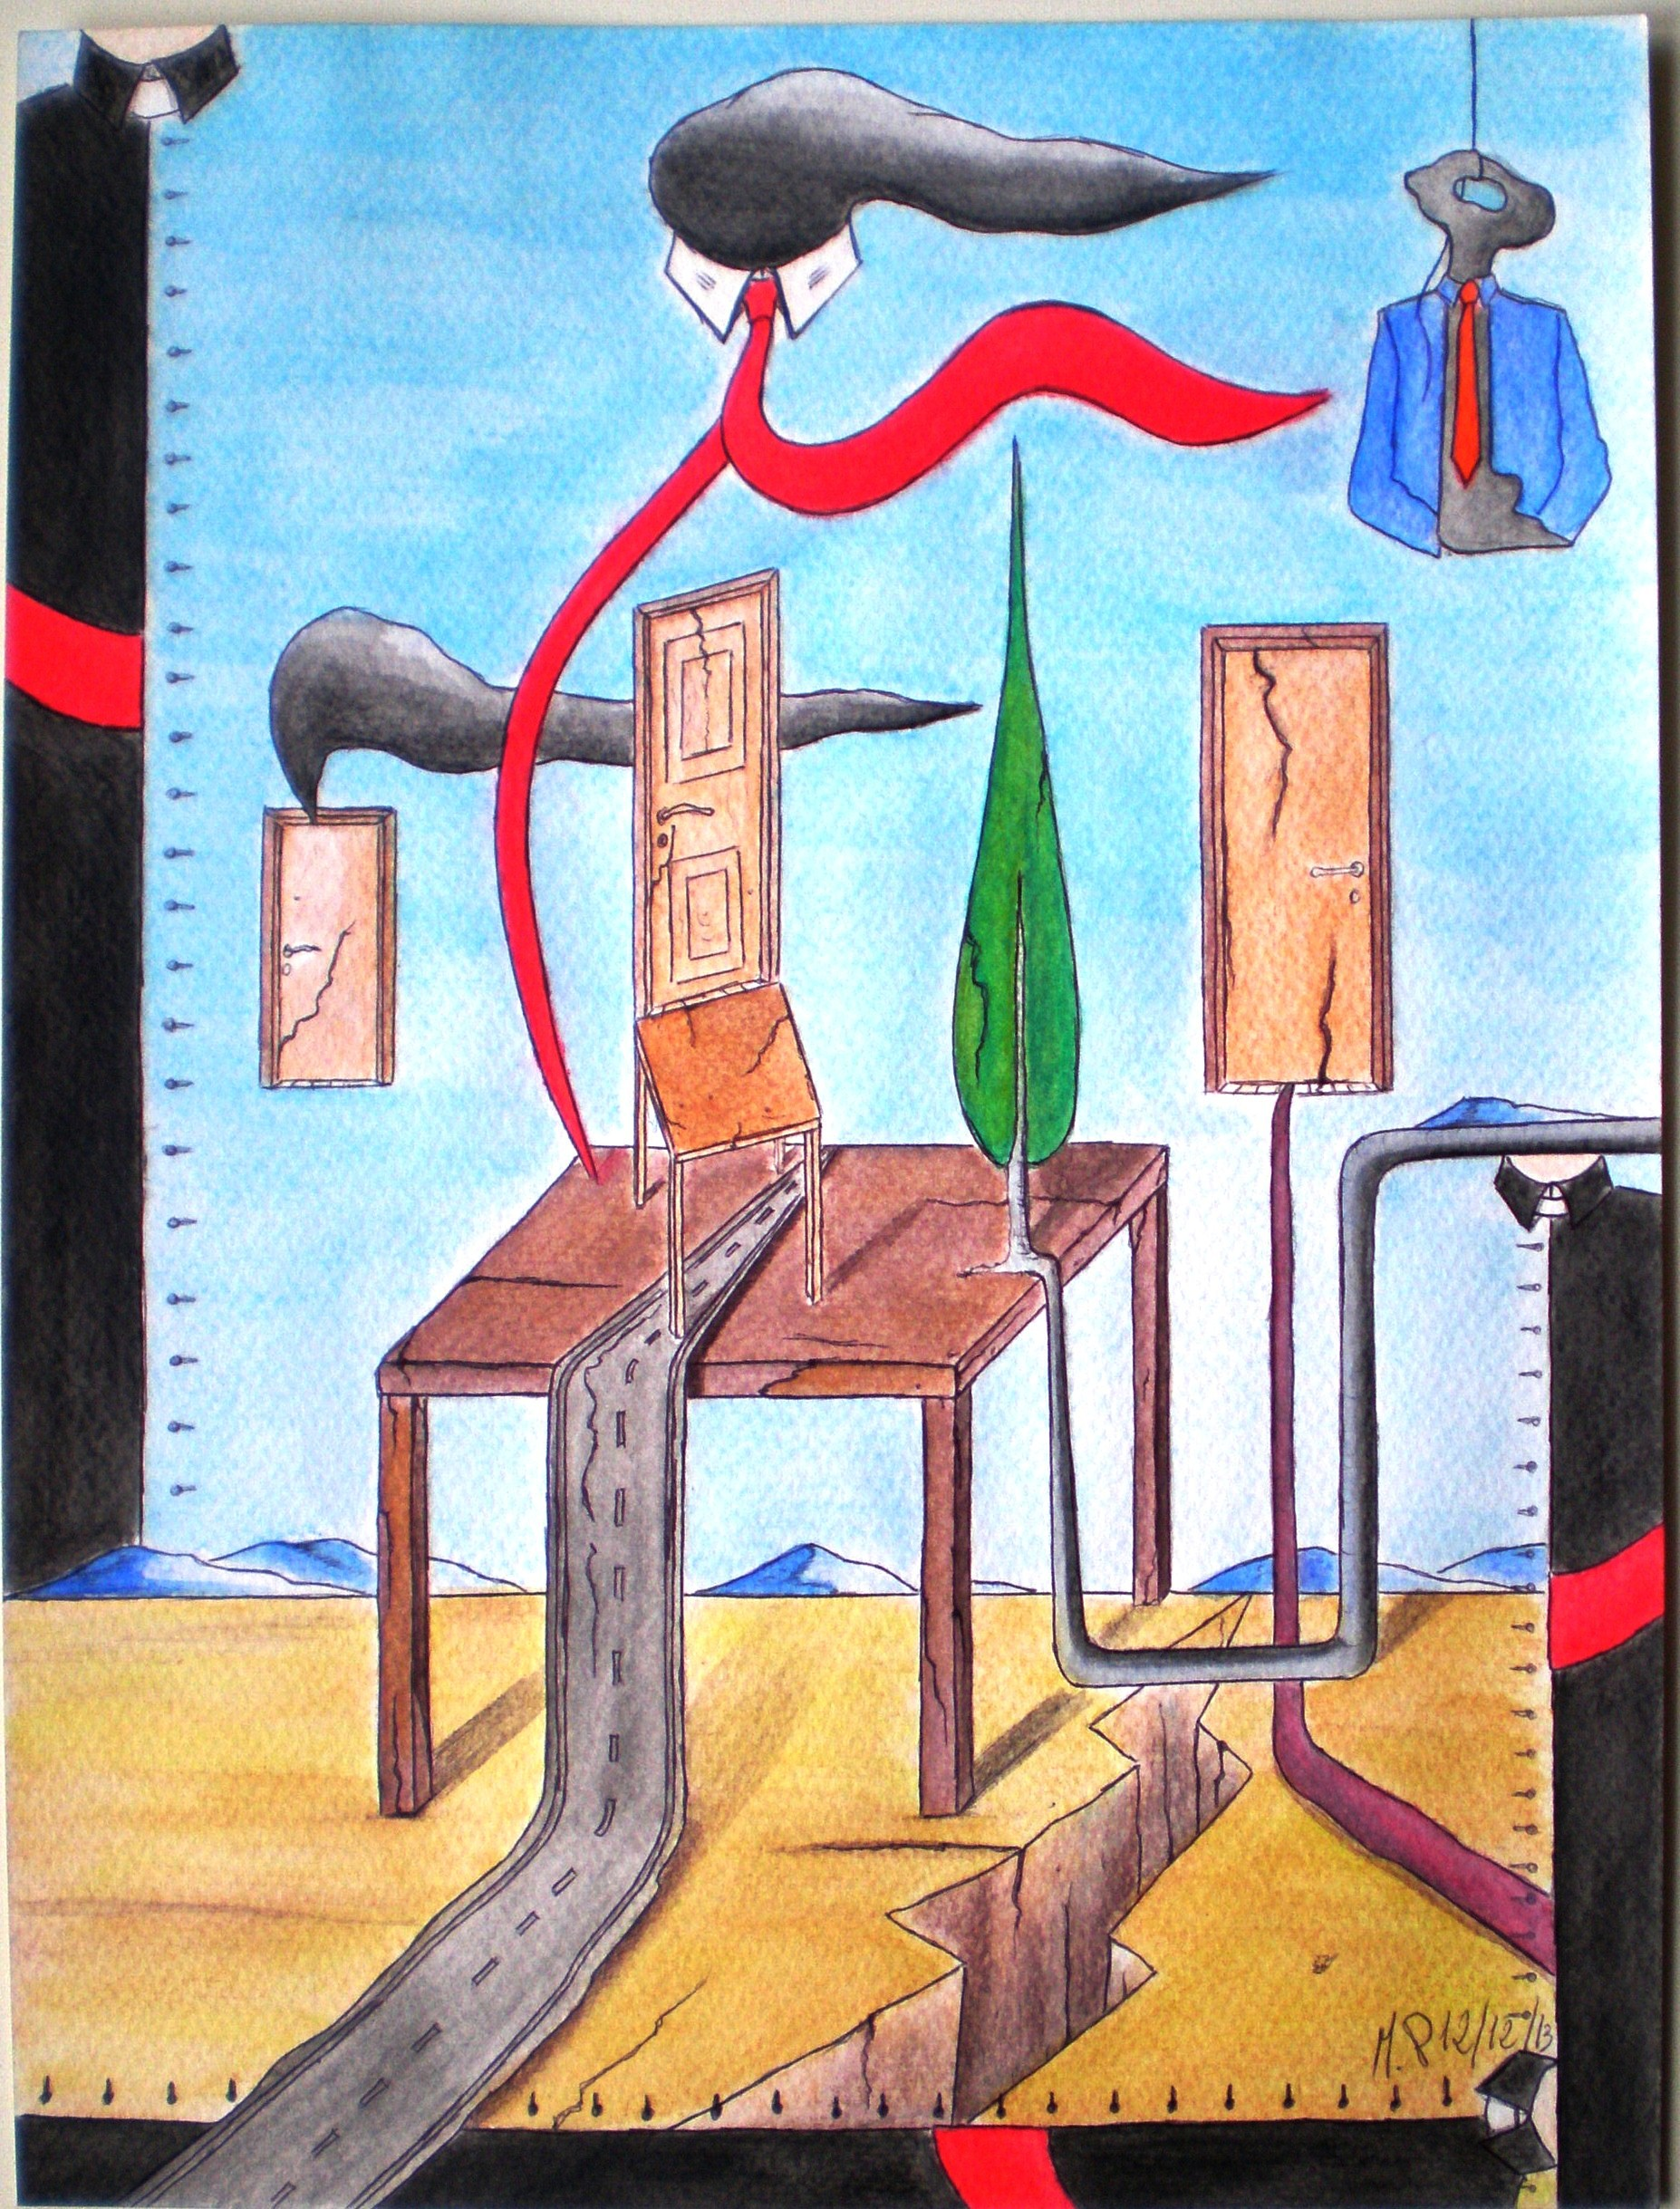 Danza di simboli (dance of symbols), 2013 disegno a penna e acquerello (drawing in pen and watercolor), cm 24x32, Pasquale Mastrogiacomo, Acerno (SA).